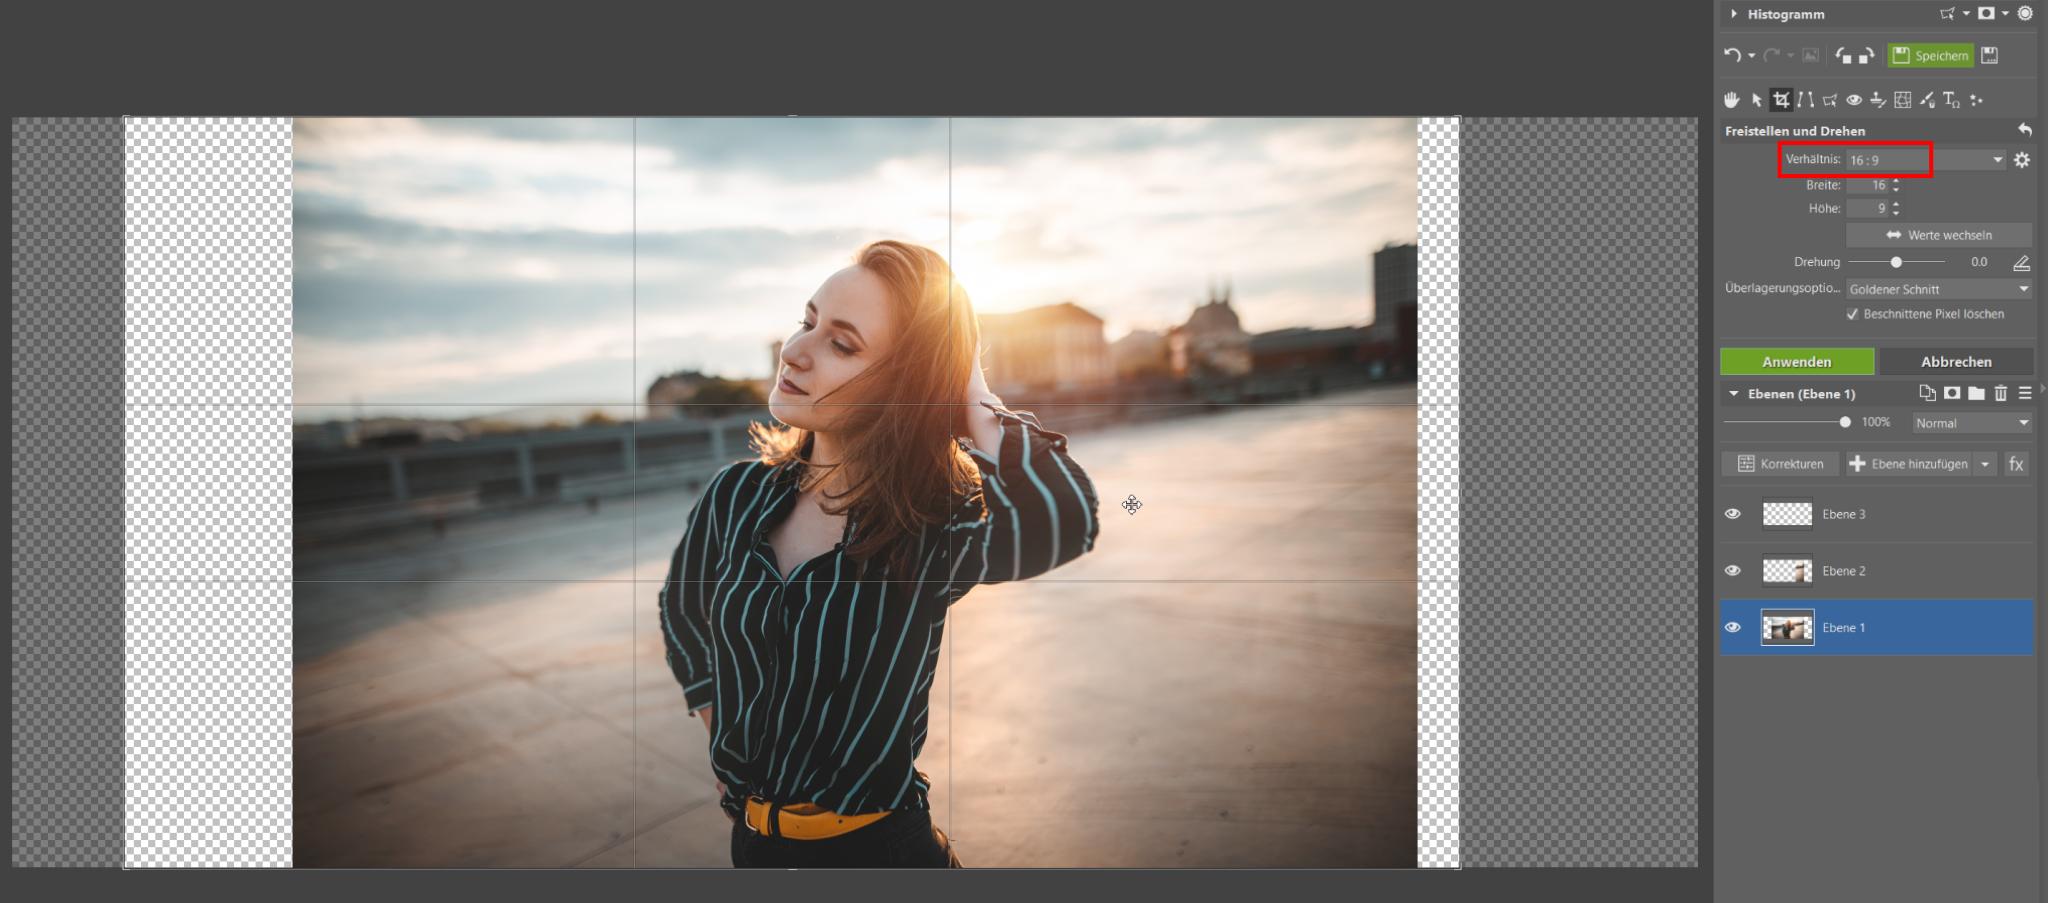 Erweitern Sie Ihr Foto ins Breitformat. Im Editor ist dies ohne Zuschnitt und Verluste möglich